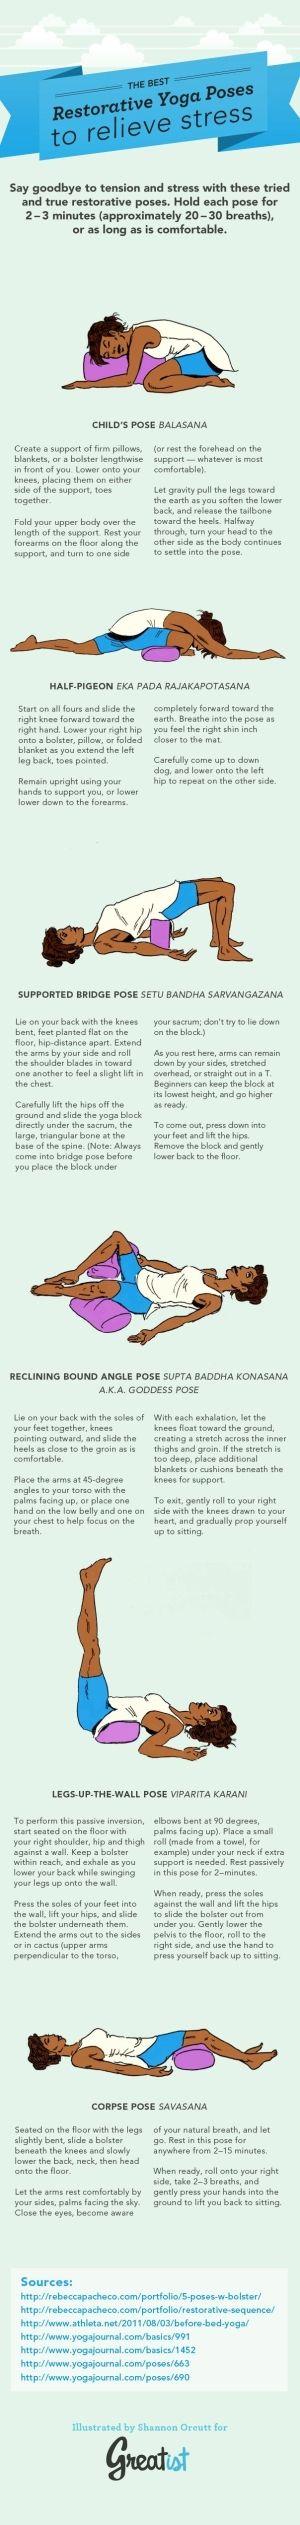 O melhor Yoga Restaurativa Poses para aliviar o stress.  Re-pin, verifique mais tarde.  # Yoga # relaxar genebra